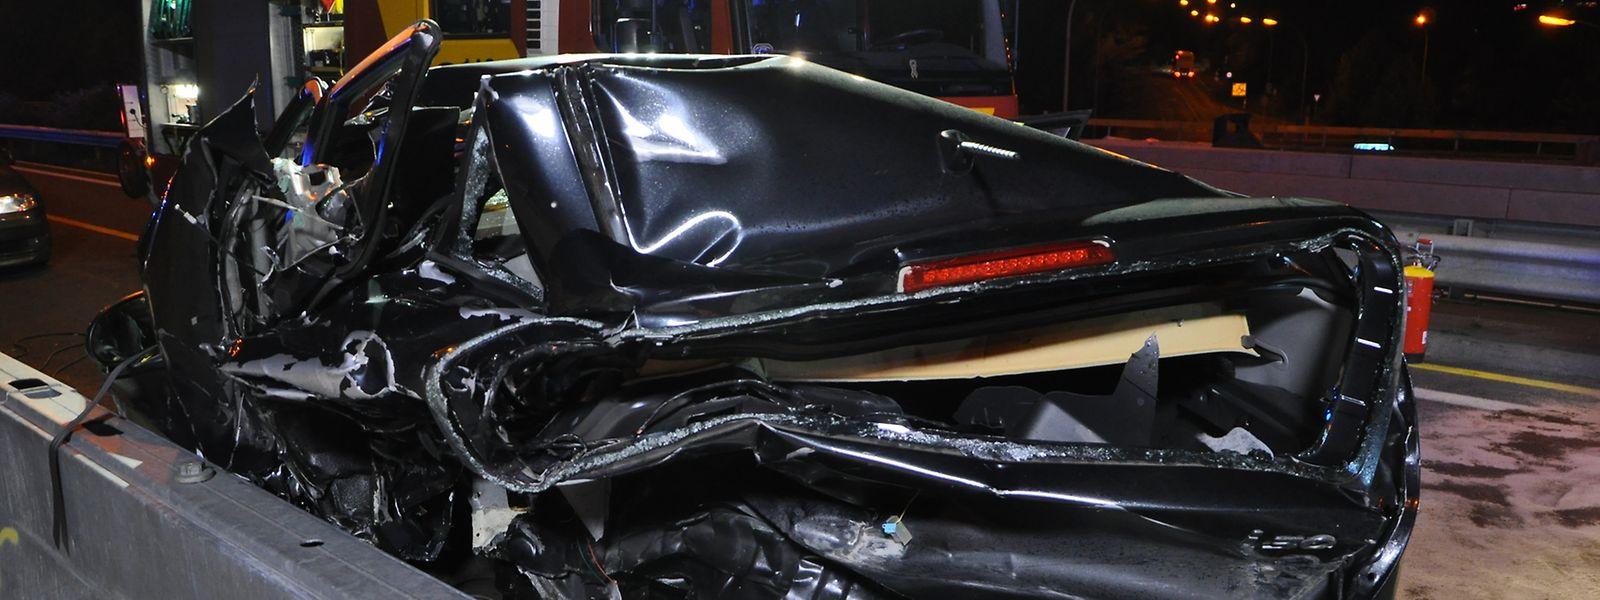 Bei dem Unfall auf der A1 war die Autofahrerin, deren Heck der Unfallfahrer gerammt hatte, ums Leben gekommen.